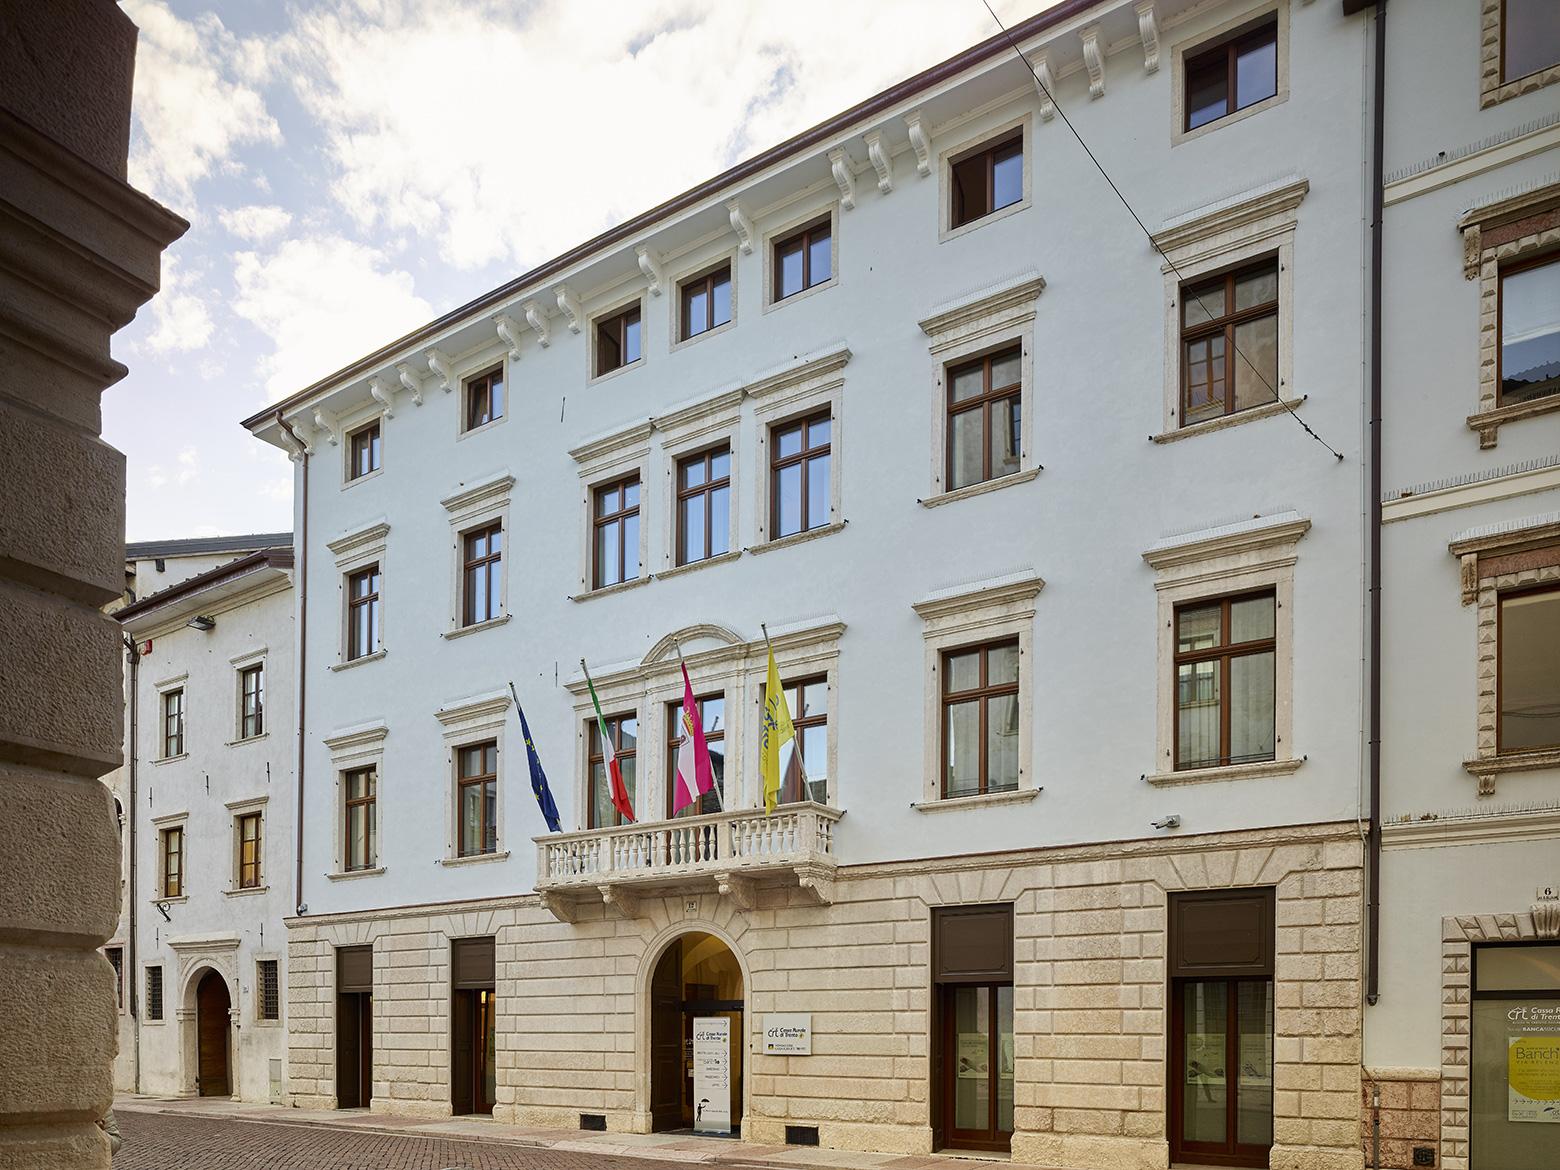 Banca centrale di Trento – IDEA 85